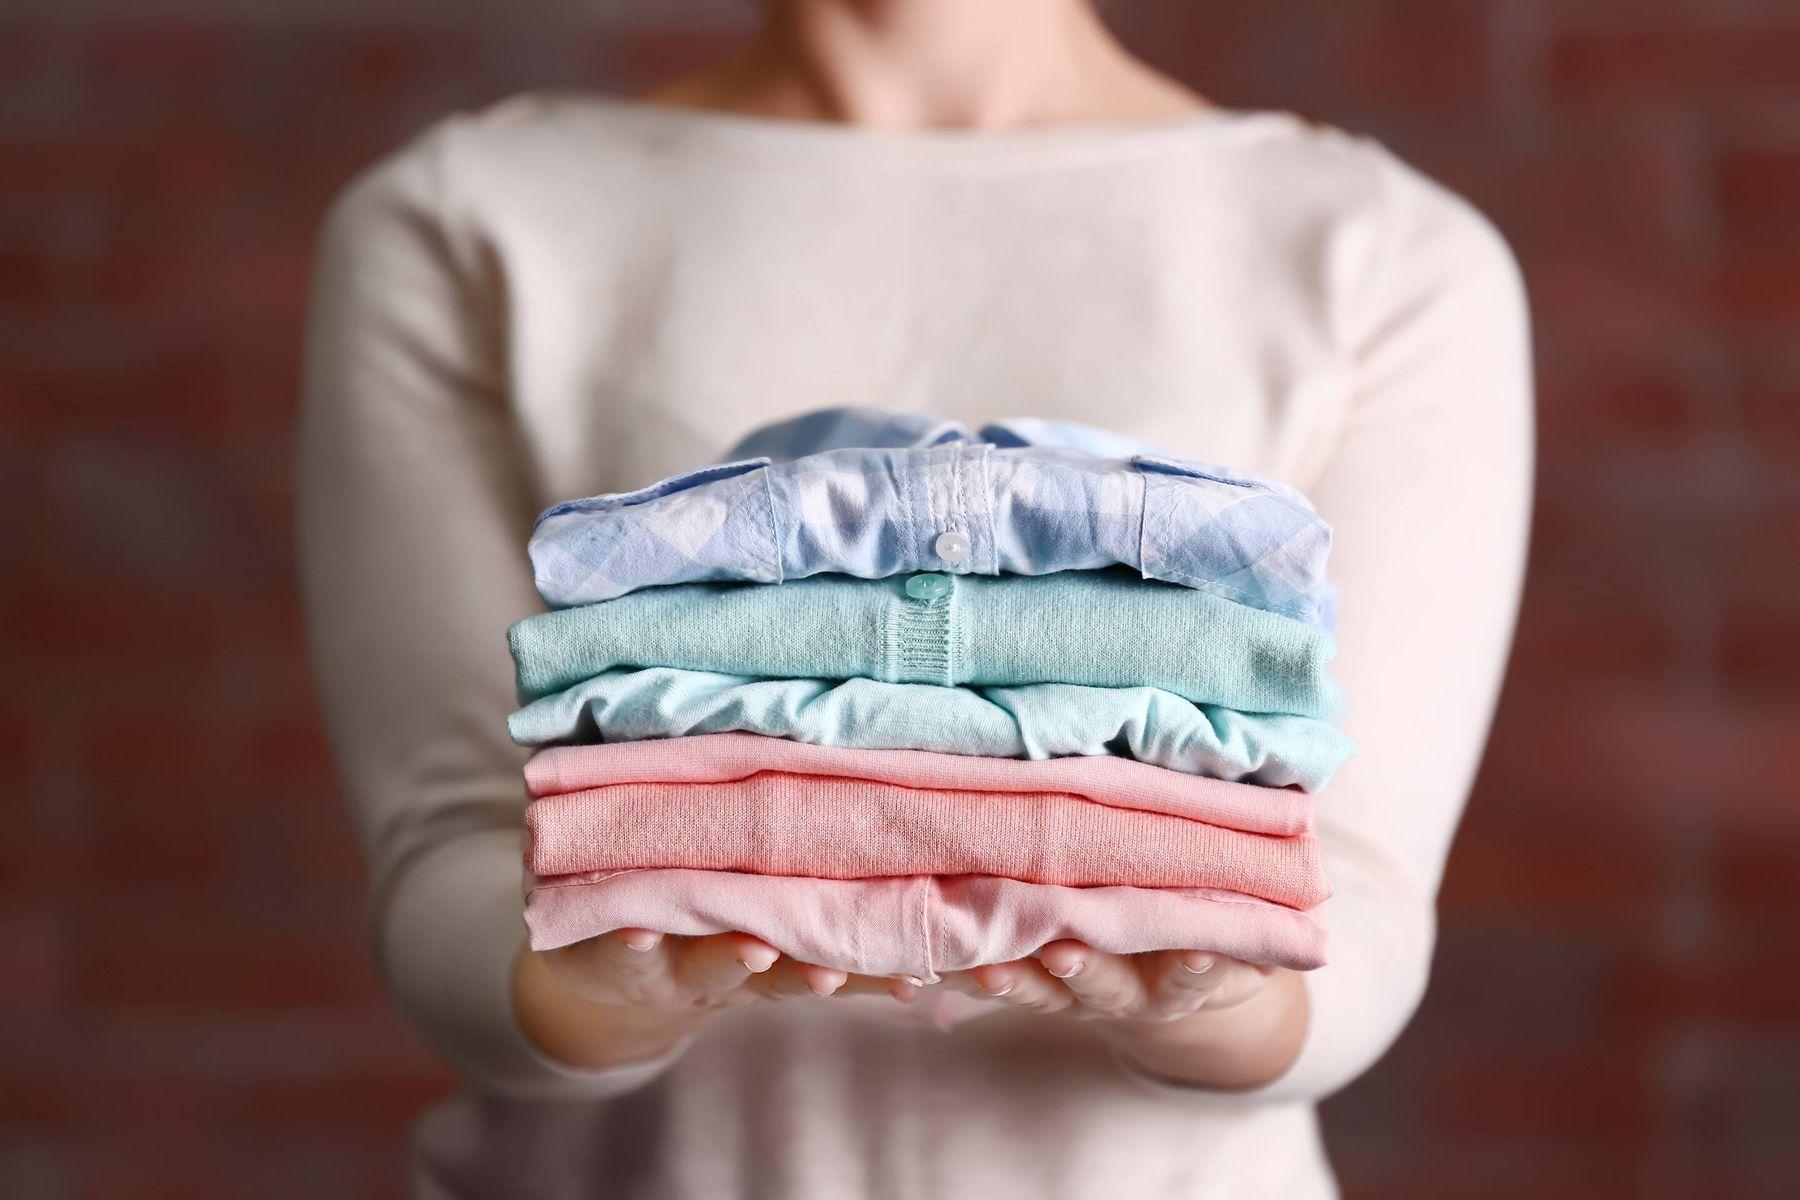 अपने लिनन के कपड़ों को कैसे रखें साफ़ | गेट सेट क्लीन